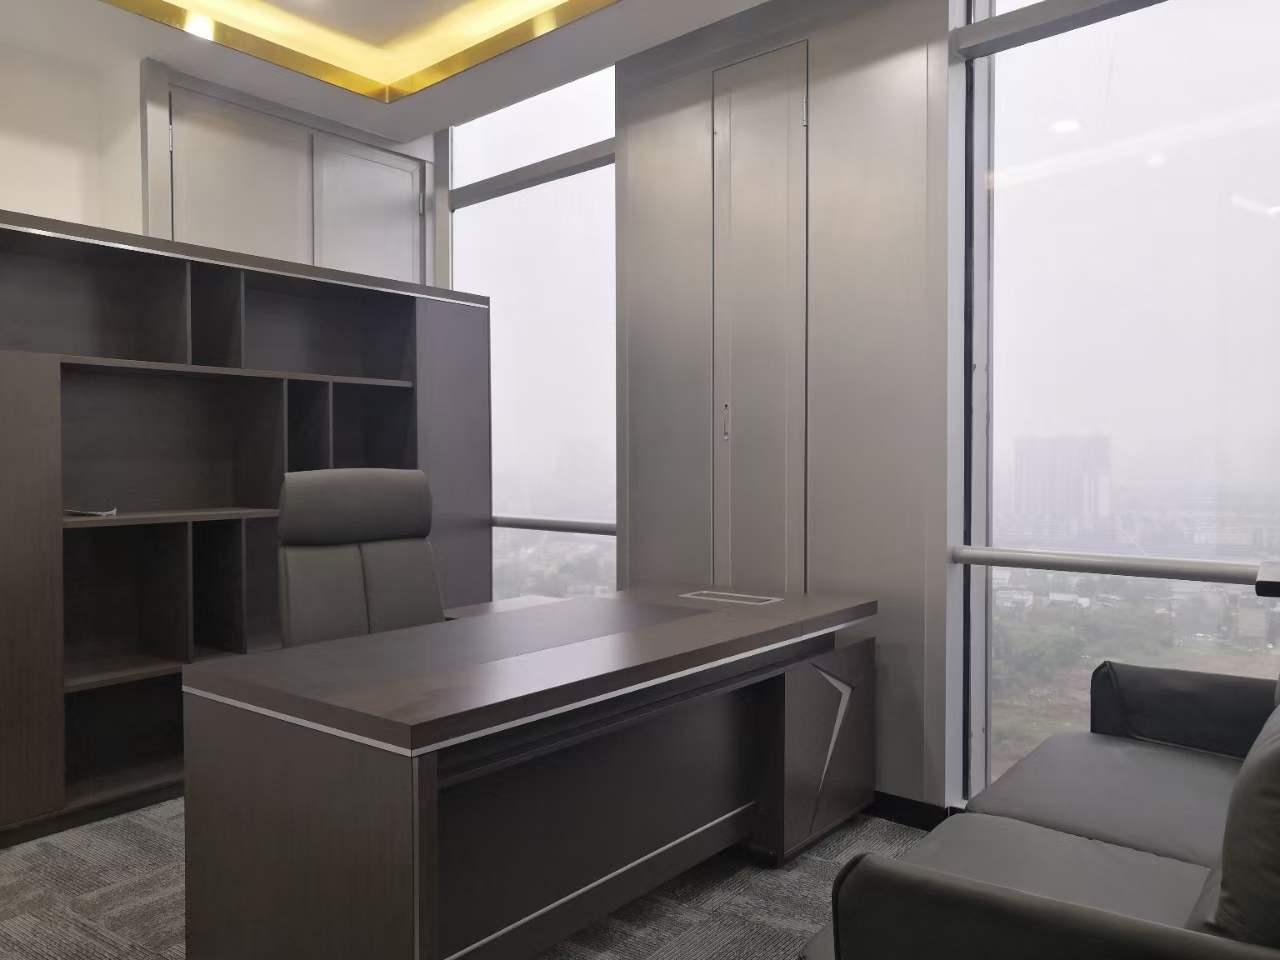 绿地468锦峰-285平米-纯黑商务风 全新装修